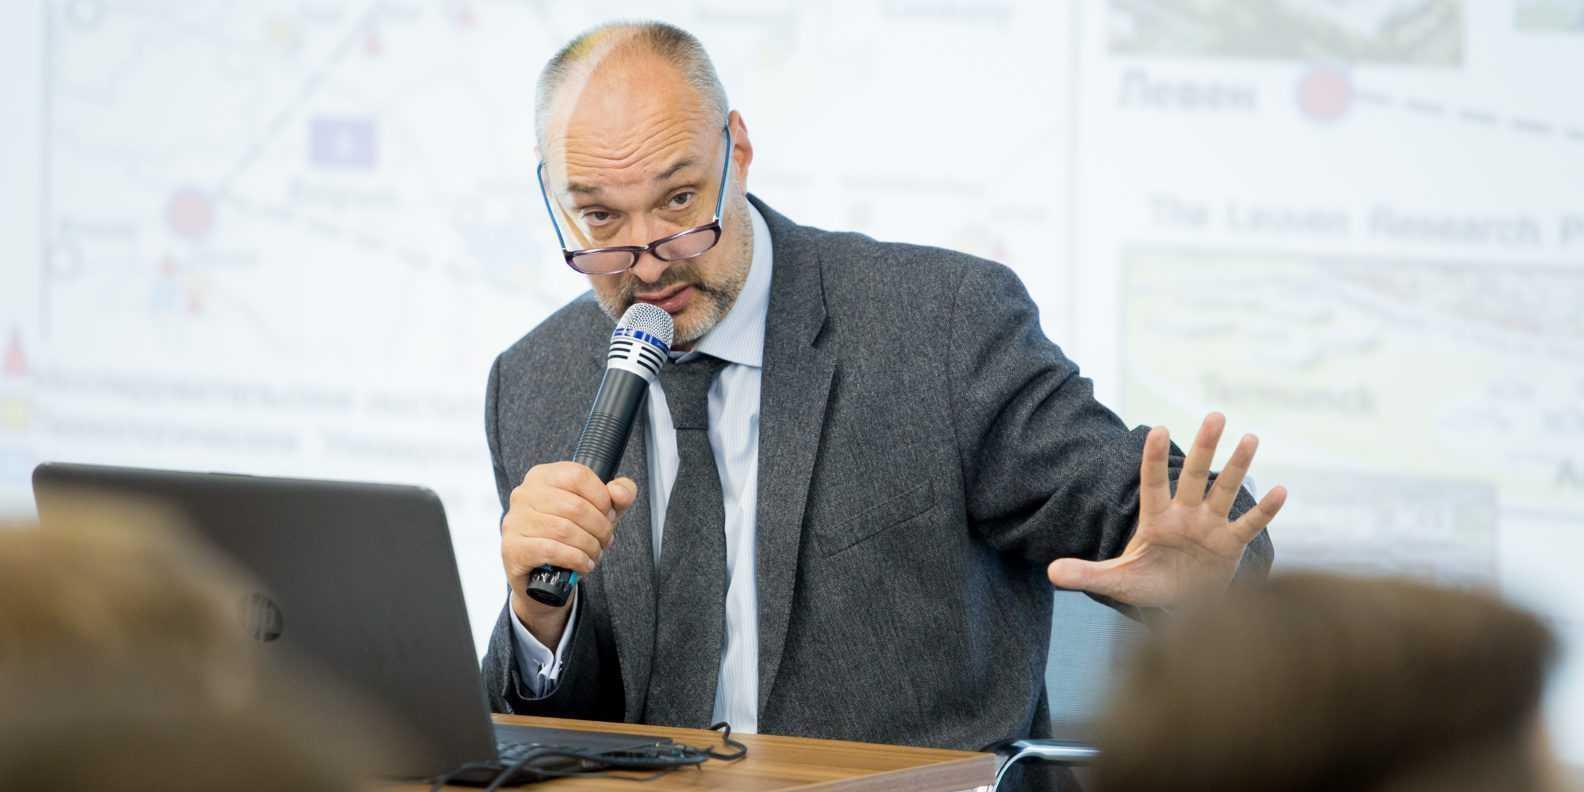 петр щедровицкий фото выступления